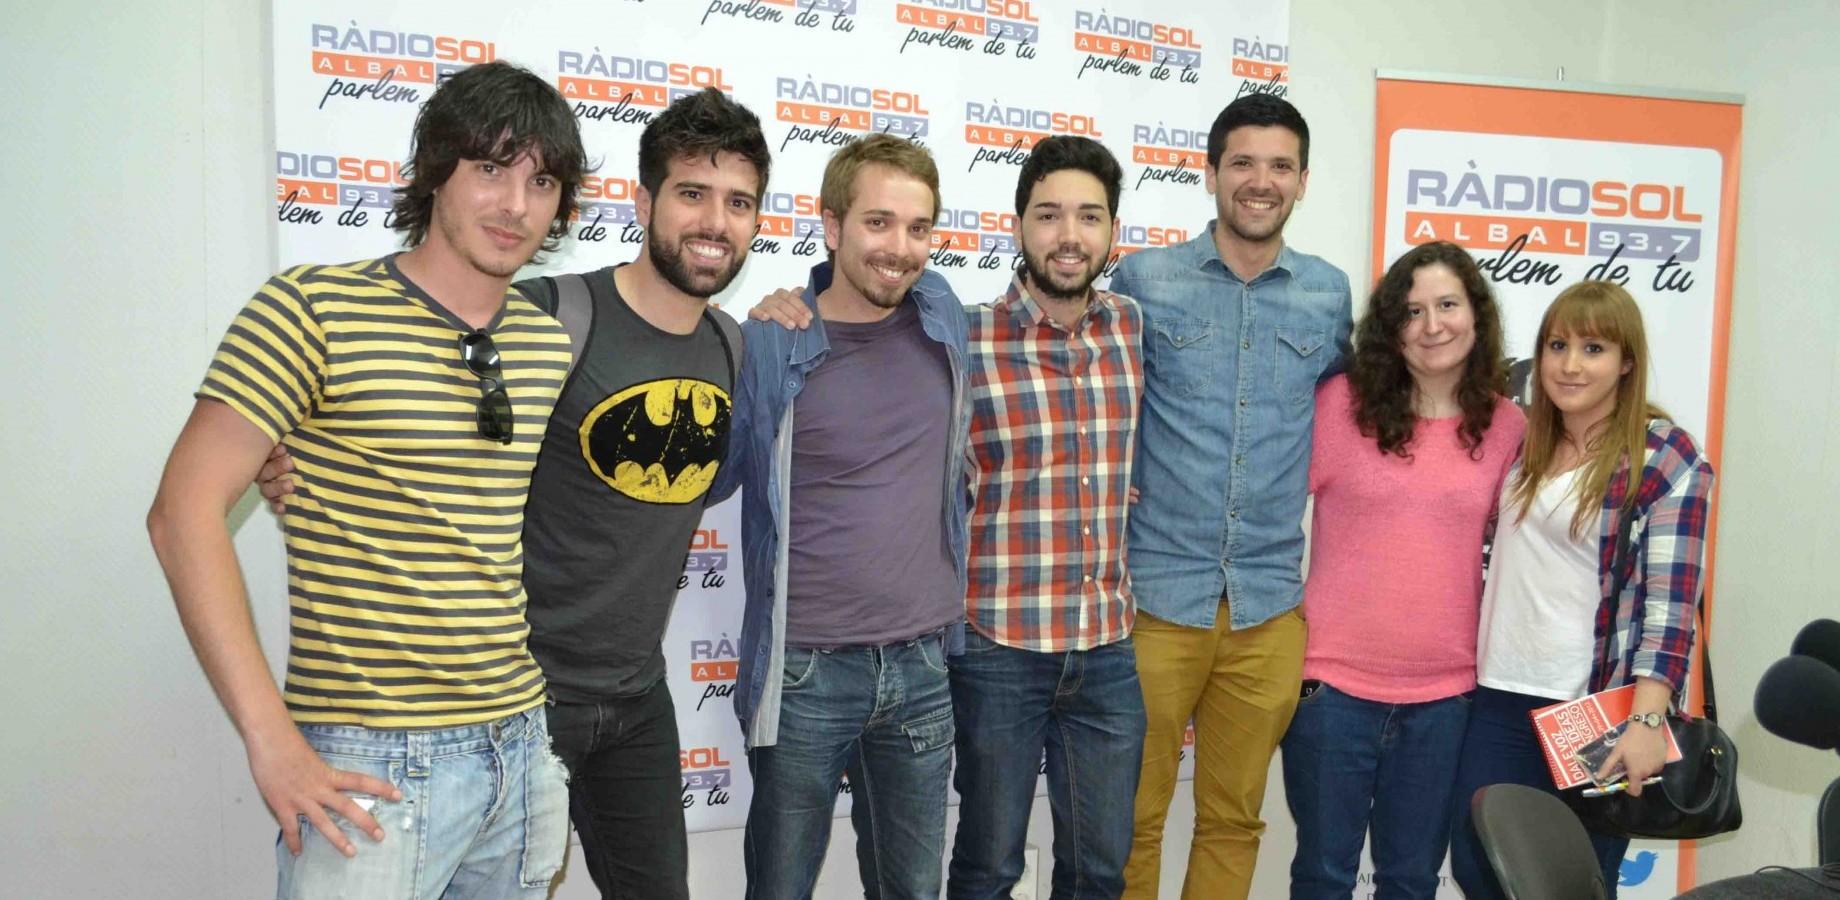 Ràdio Sol Albal se vuelca con la campaña electoral que empieza a las 00.00 horas